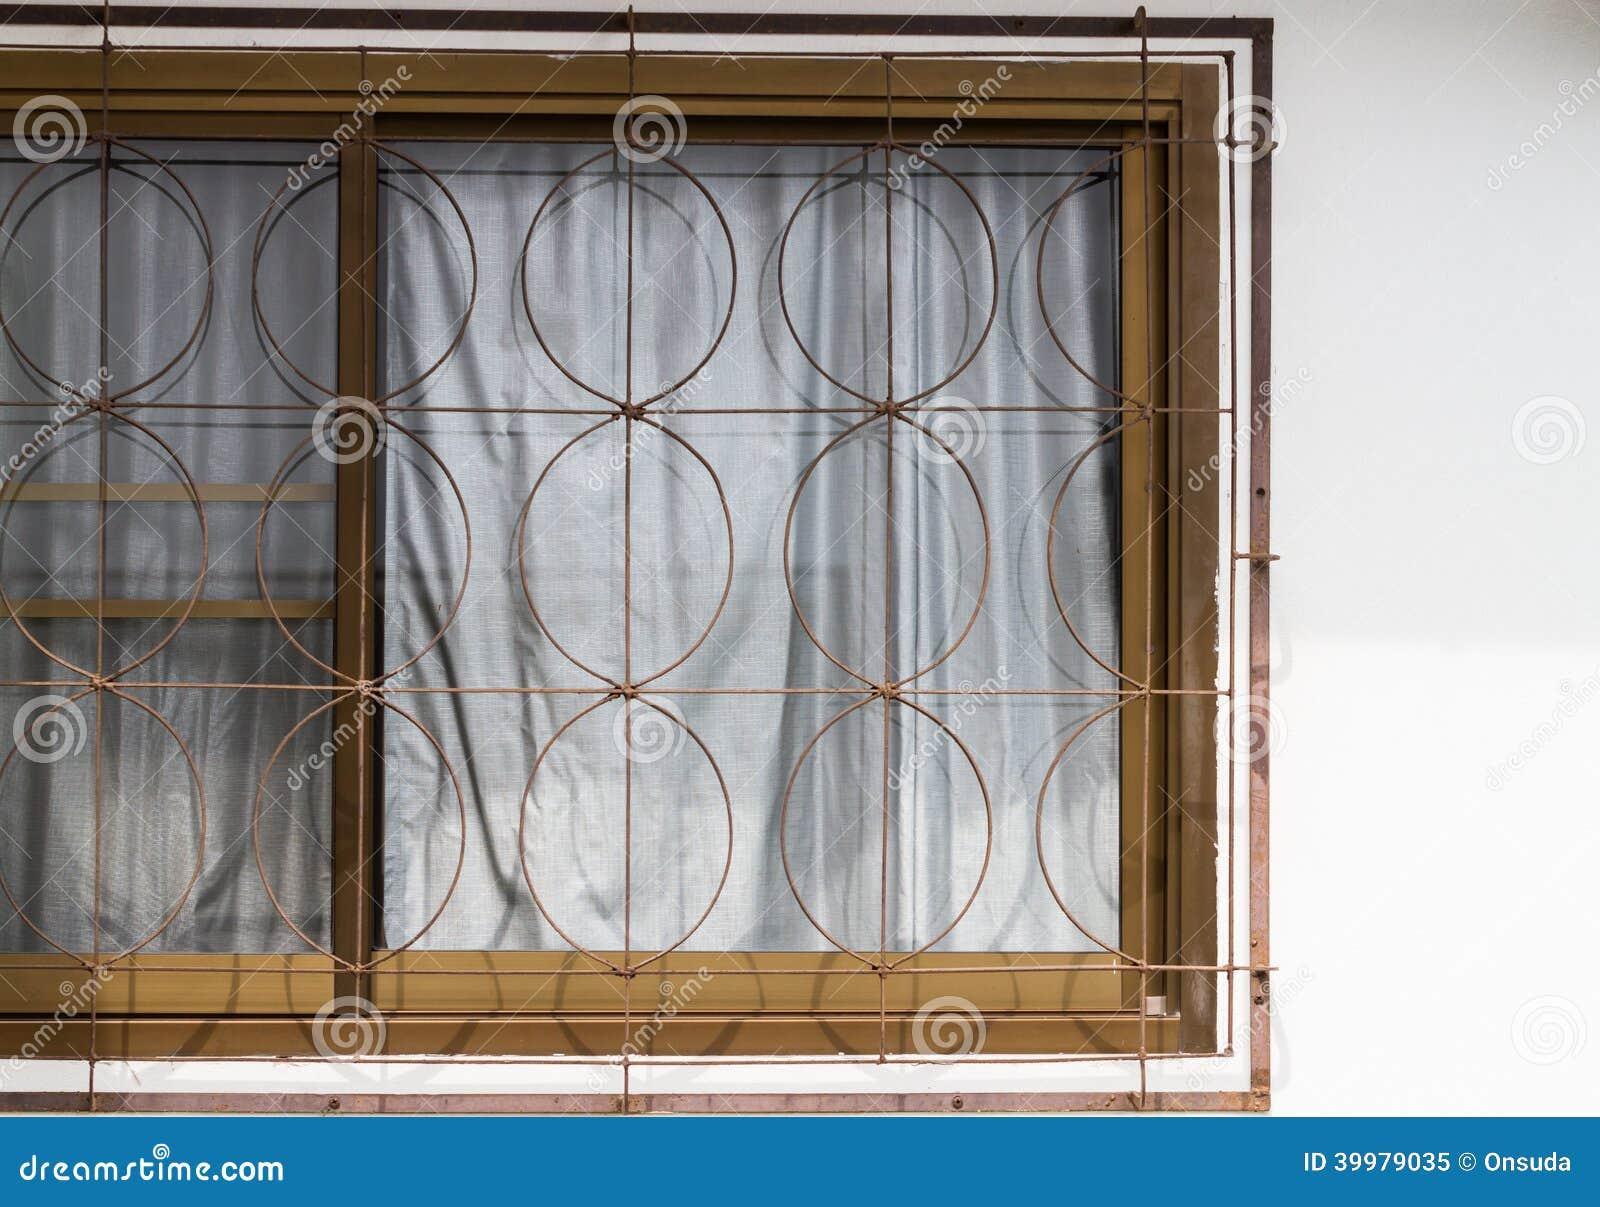 Fönster säkerhetsfönster : Säkerhetsfönster fotografering för bildbyrÃ¥er. Bild av struktur ...